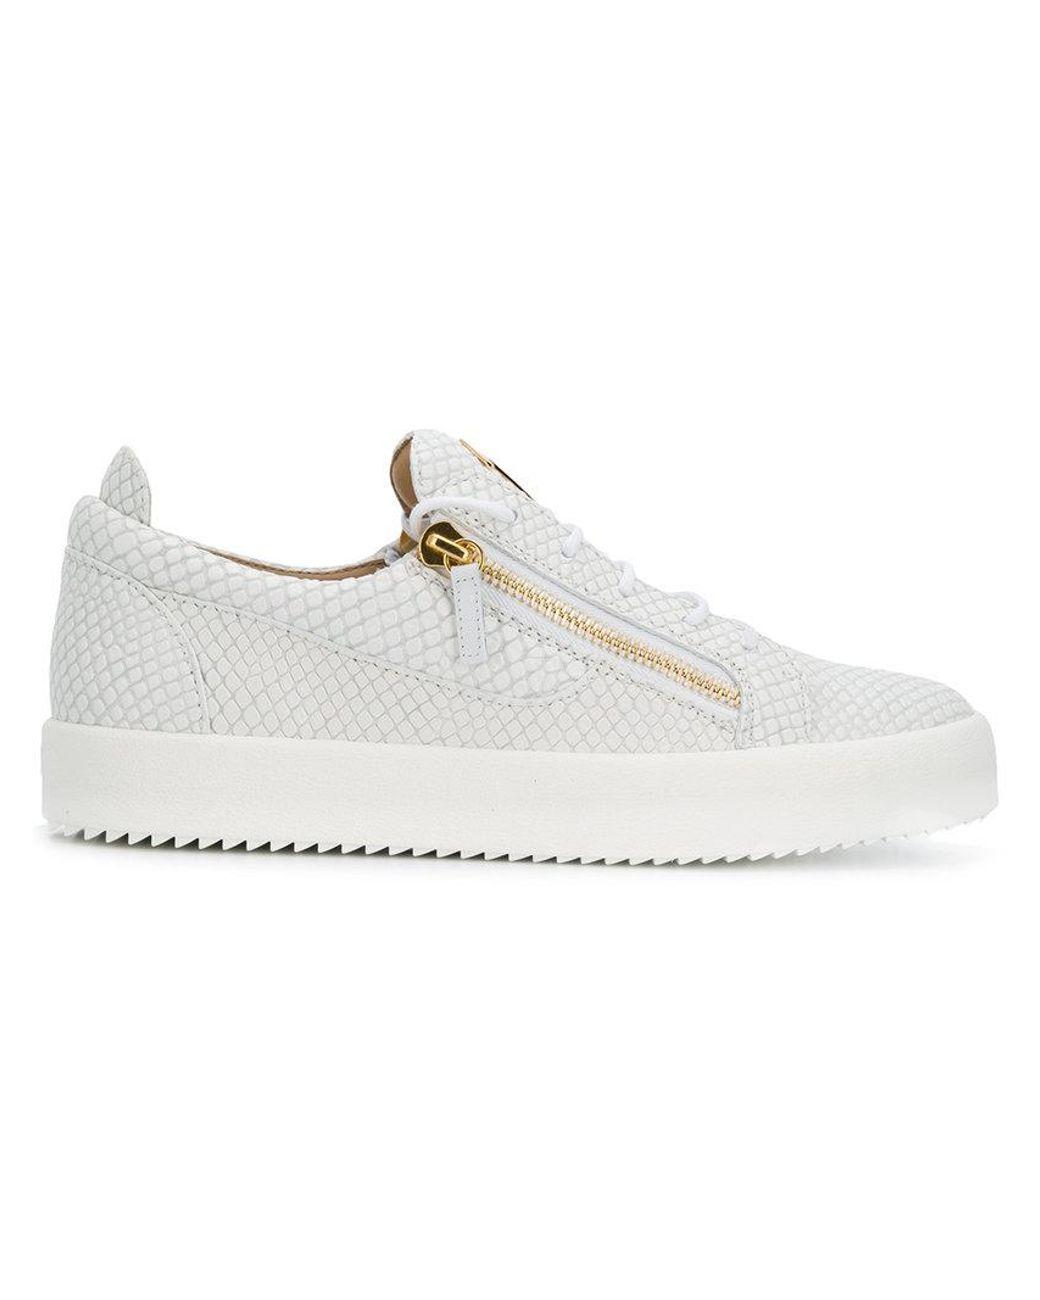 eaabf6d3226ef Giuseppe Zanotti Frankie Low-top Sneakers in White for Men - Lyst